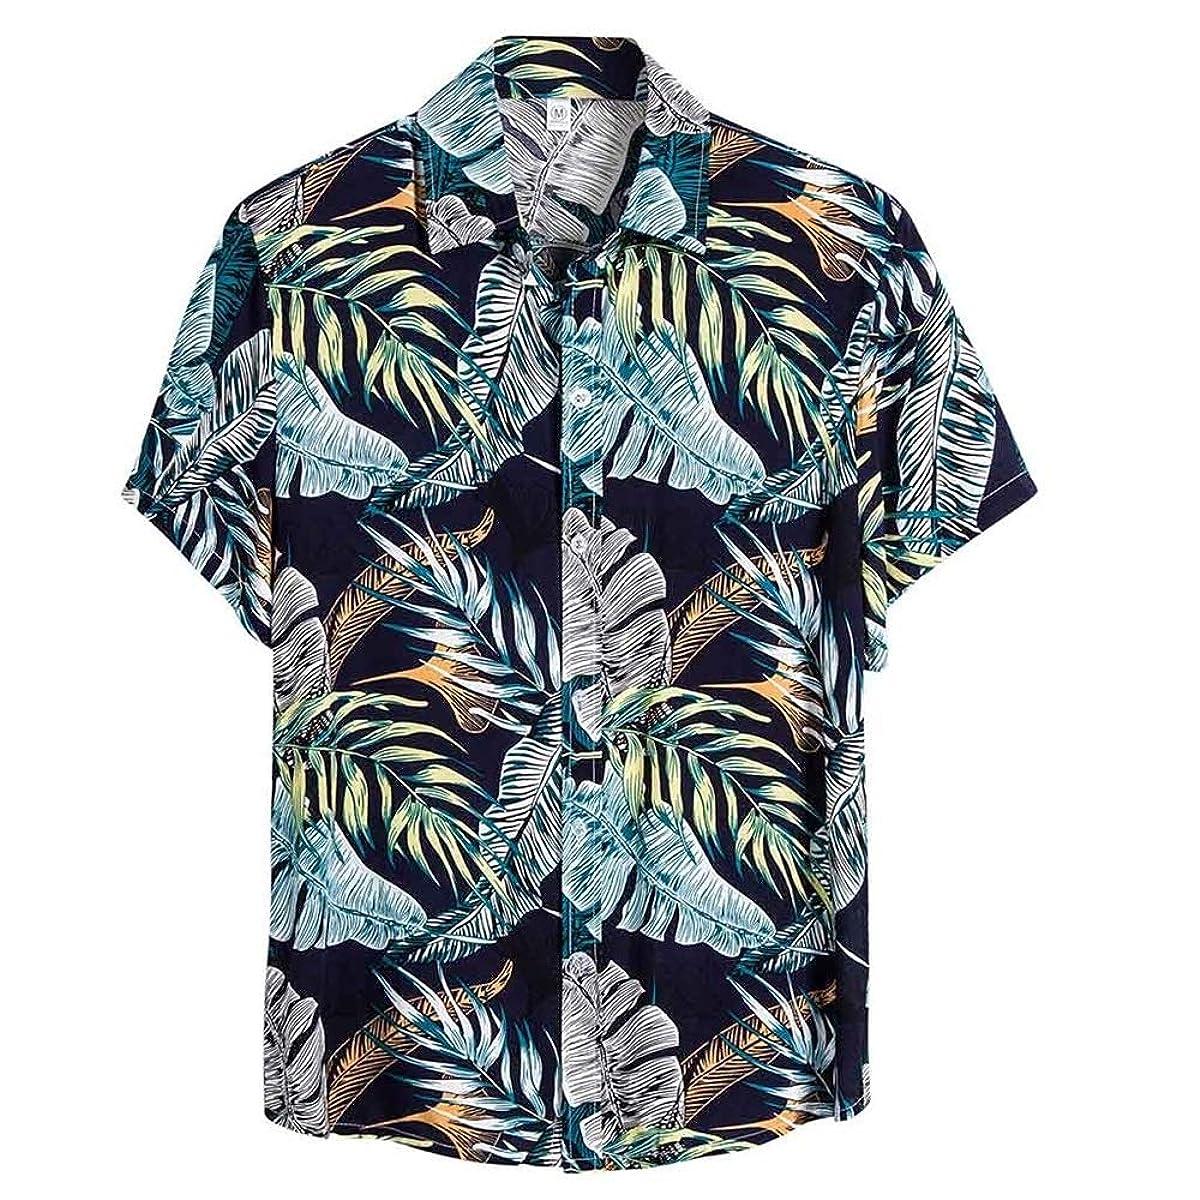 フォルダ裁判官論文シャツ メンズ 半袖 花柄 ポロシャツ ゆったり ラペル ハワイアンシャツ カジュアル tシャツ プルオーバー オシャレ ビジネス ティーシャツ 人気 トップス 夏服 通勤 おしゃれ トレーナー ゴルフ ビーチ 旅行 休暇スタイル